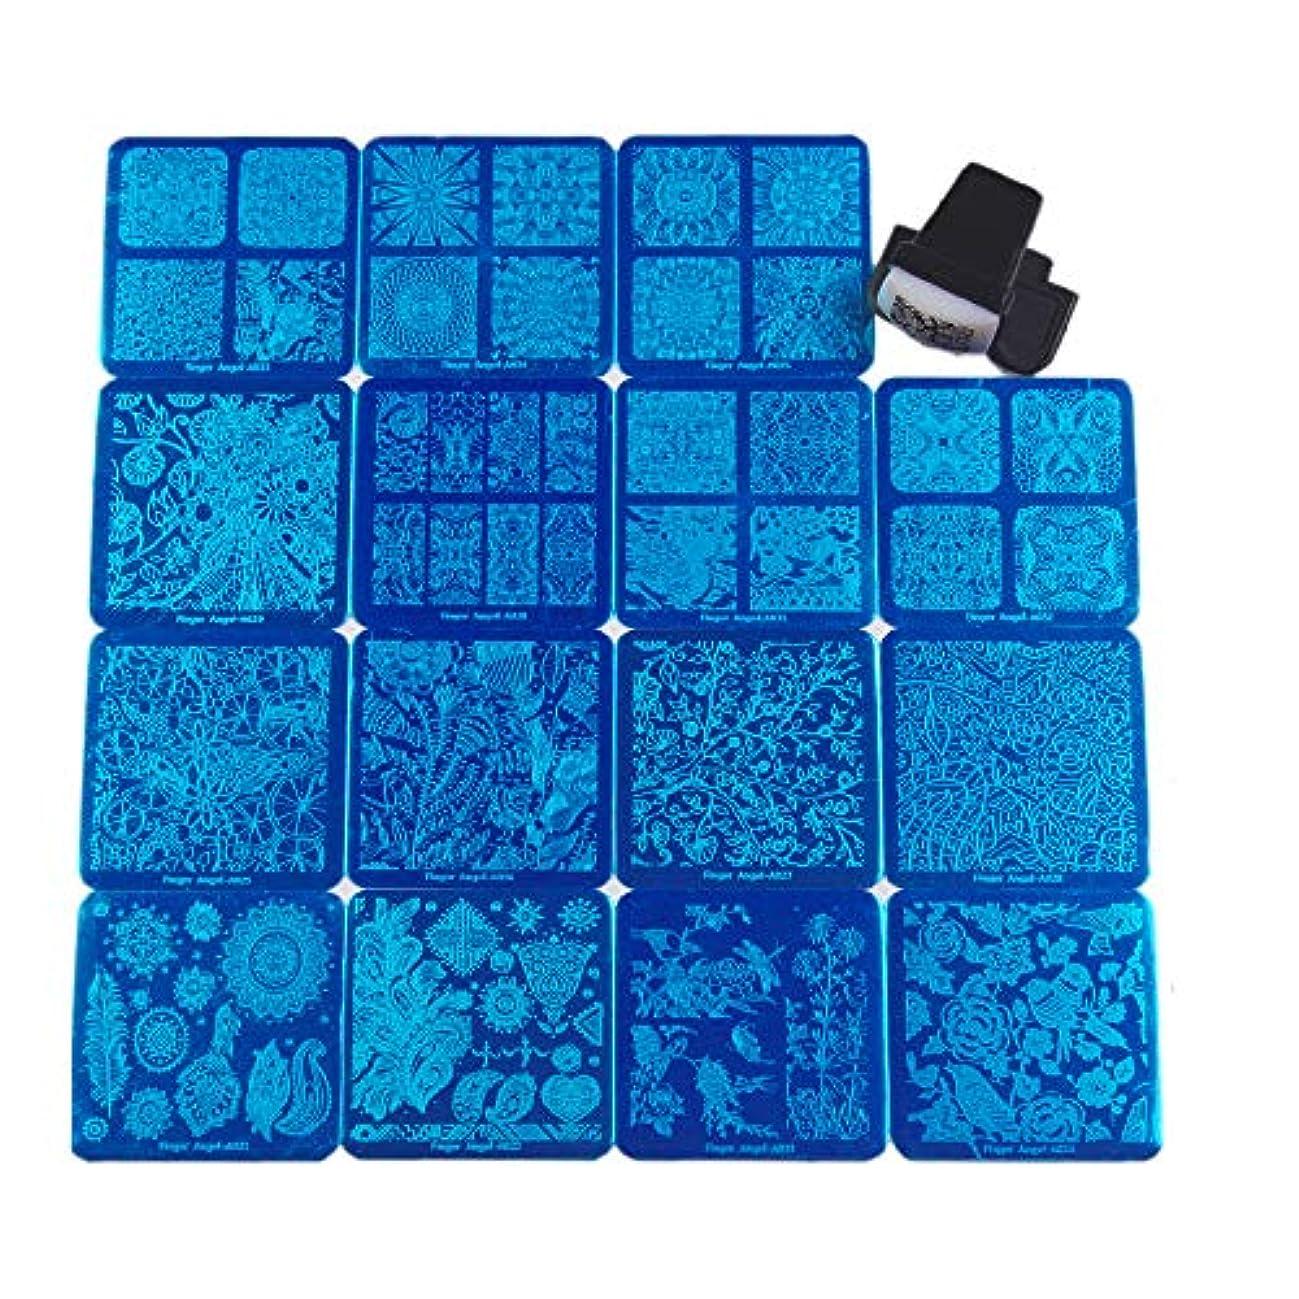 便利栄光の相互接続FingerAngel ネイルイメージプレートセット ネイルプレート正方形15枚 スタンプ スクレーパー カードバッグ付き ネイルサロンも自宅も使えるネイルプレート